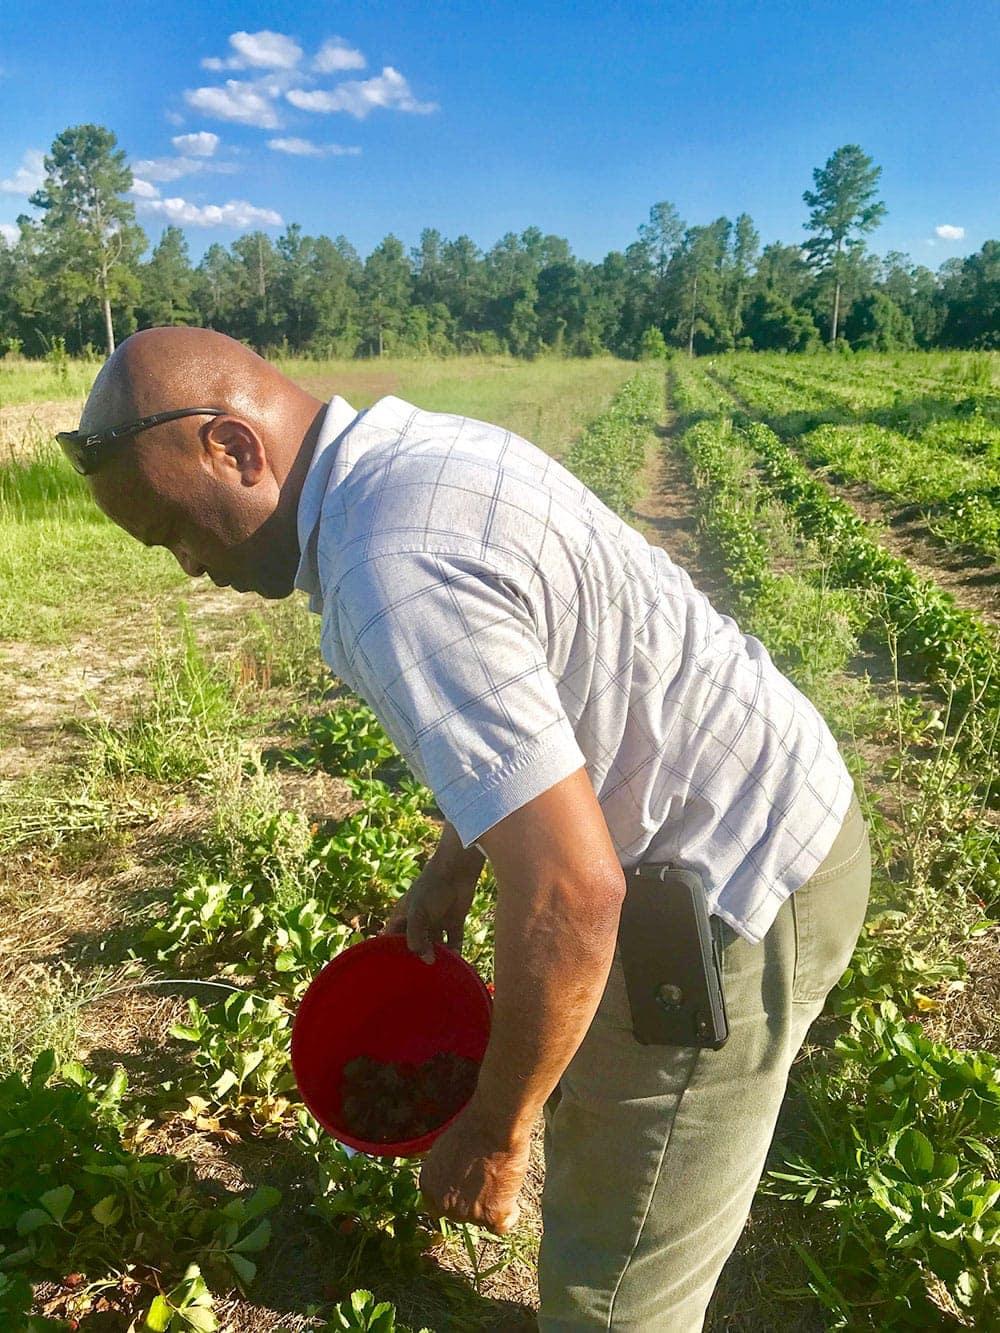 Hubby picking strawberries for vegan strawberry pie